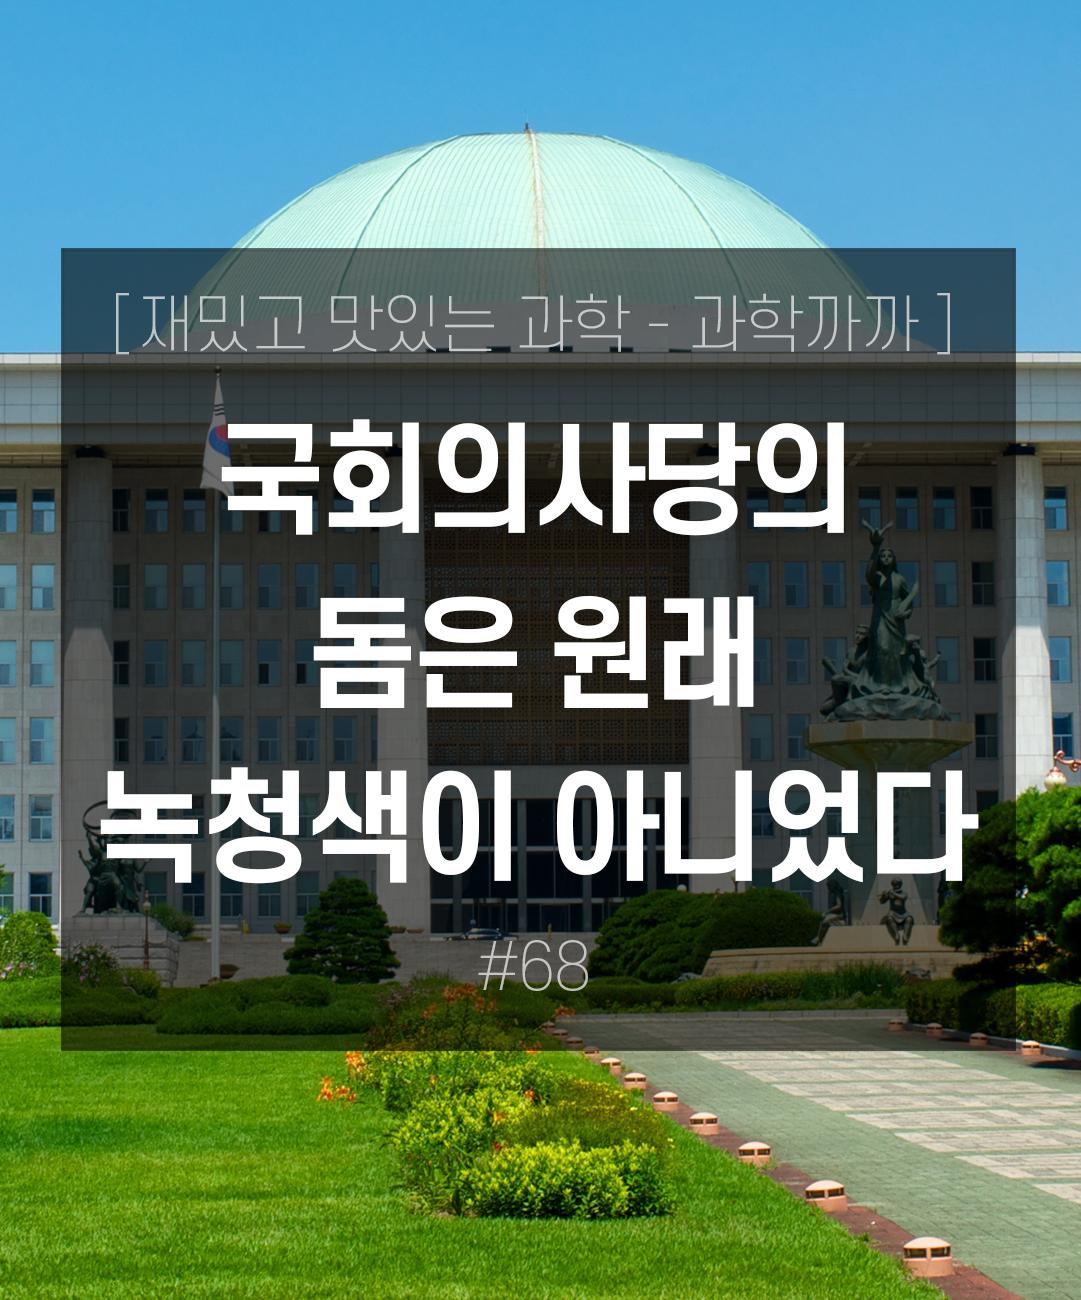 국회의사당의 돔은 원래 녹청색이 아니었다 이미지